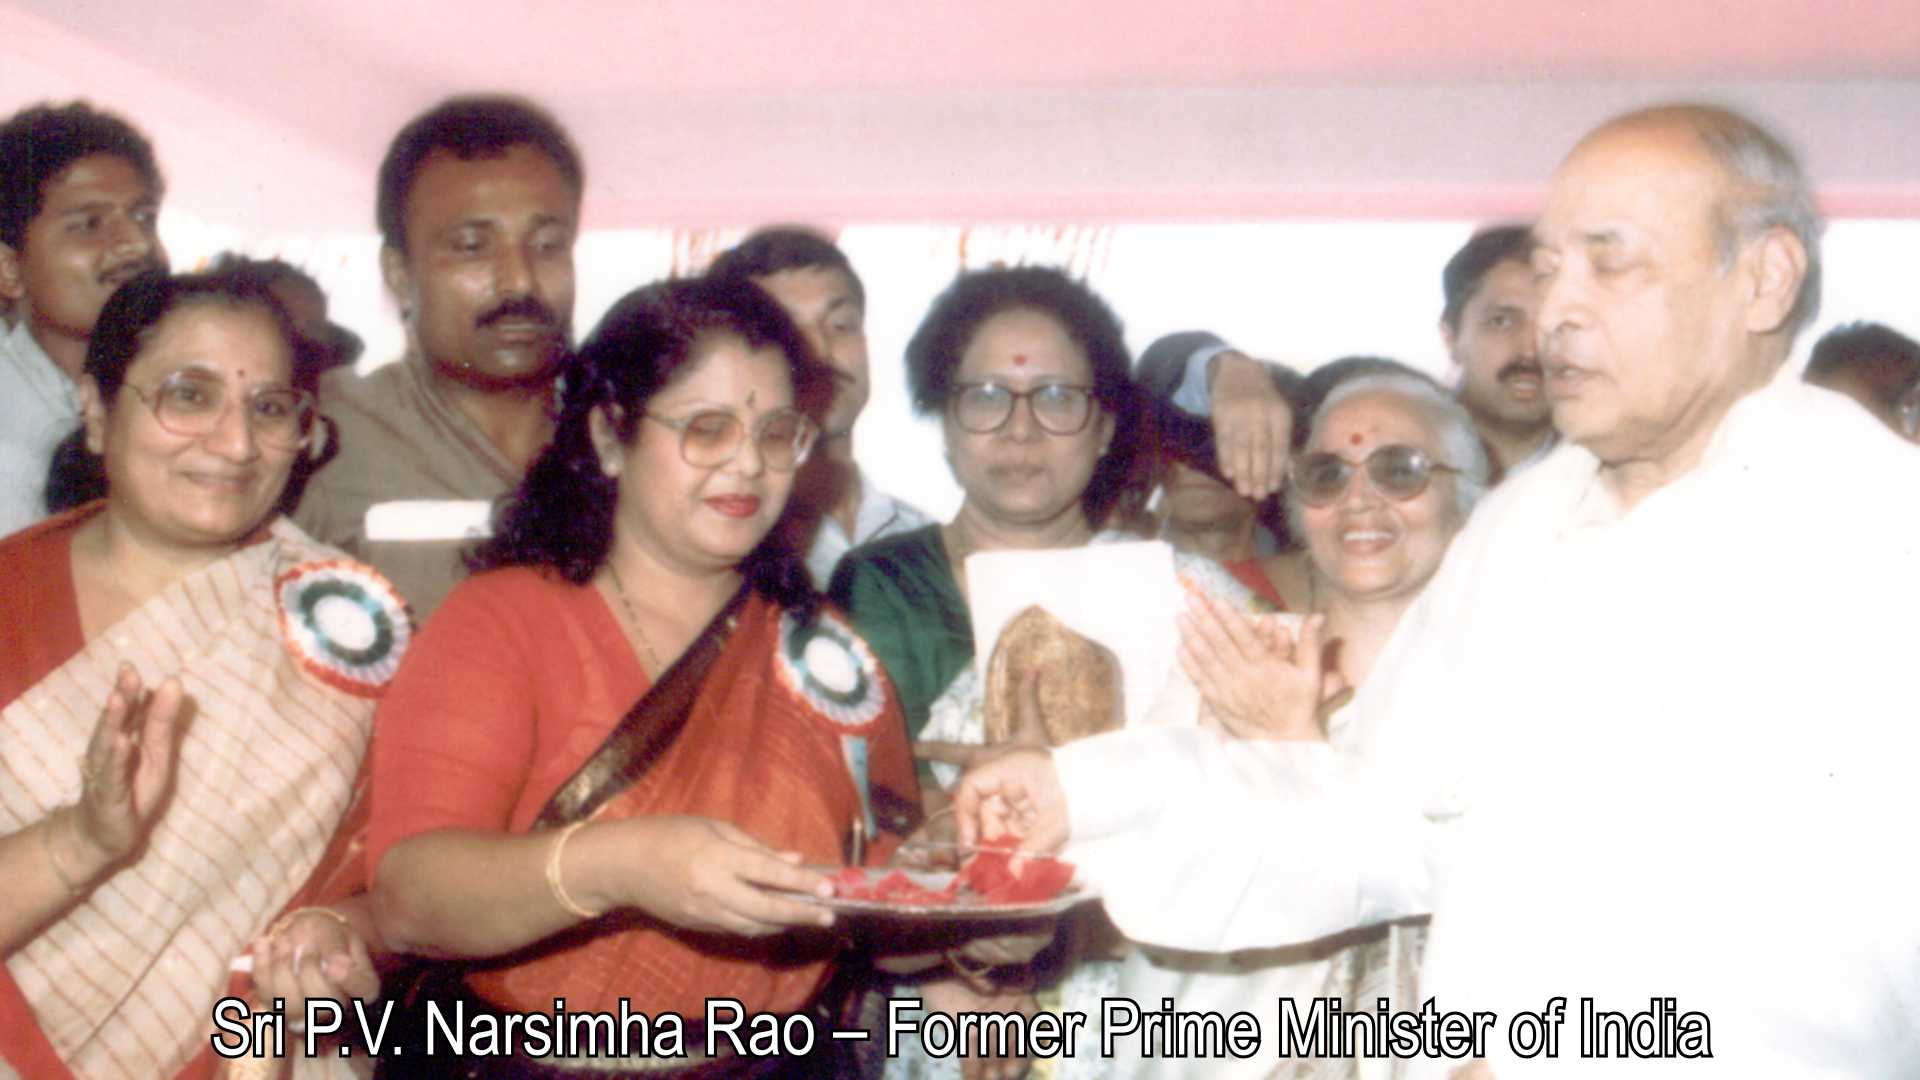 PV Narsimha Rao